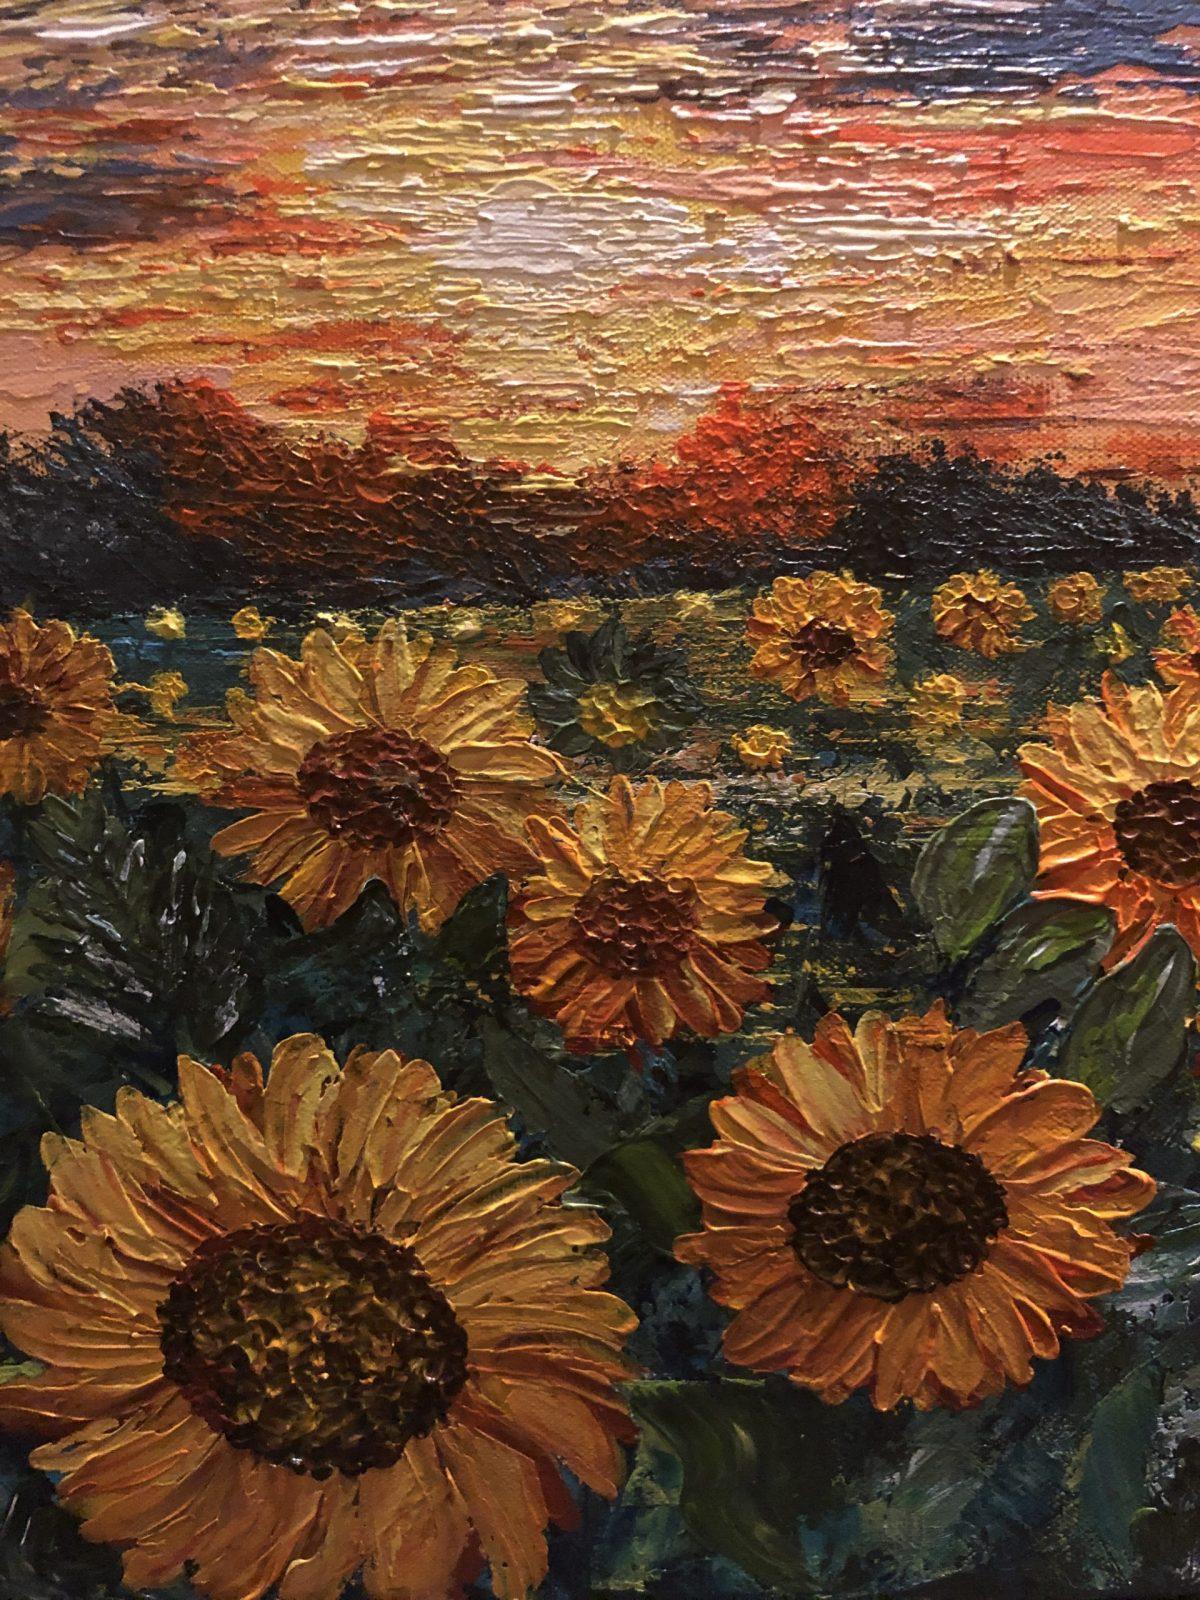 Sunflower Fields, gros plan sur les tournesols, texture